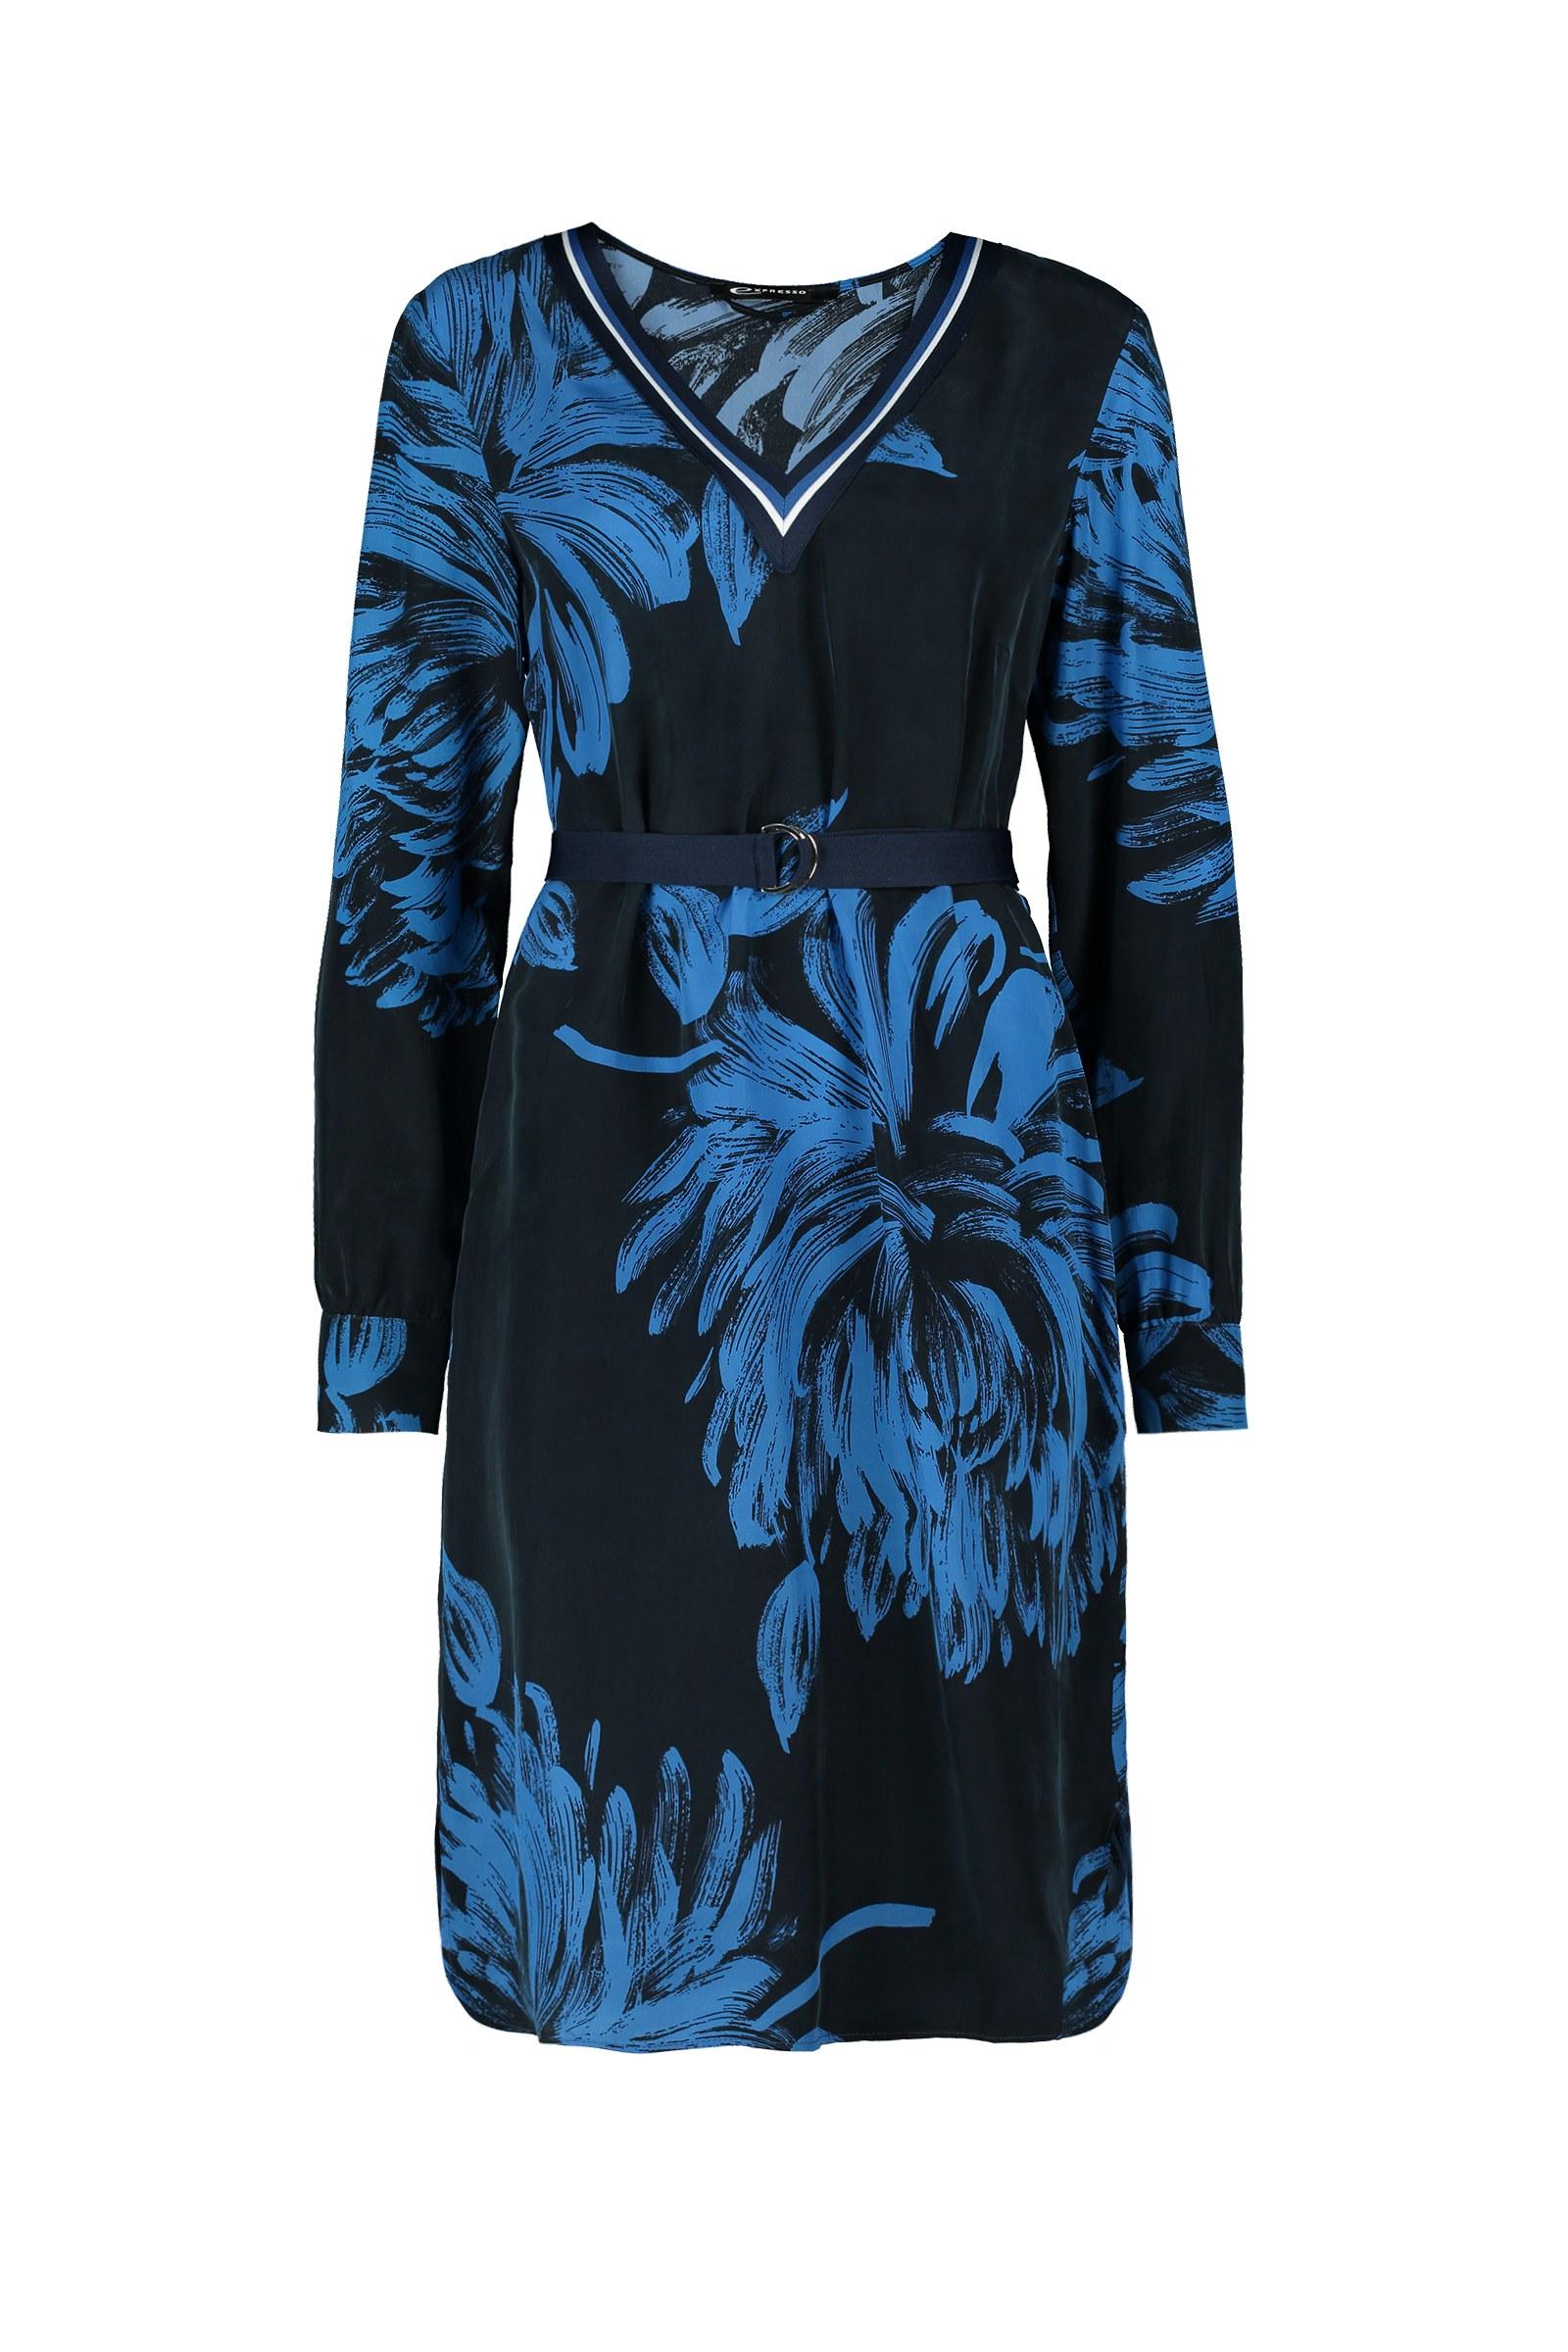 Expresso jurk 201bibian in het Donker Blauw